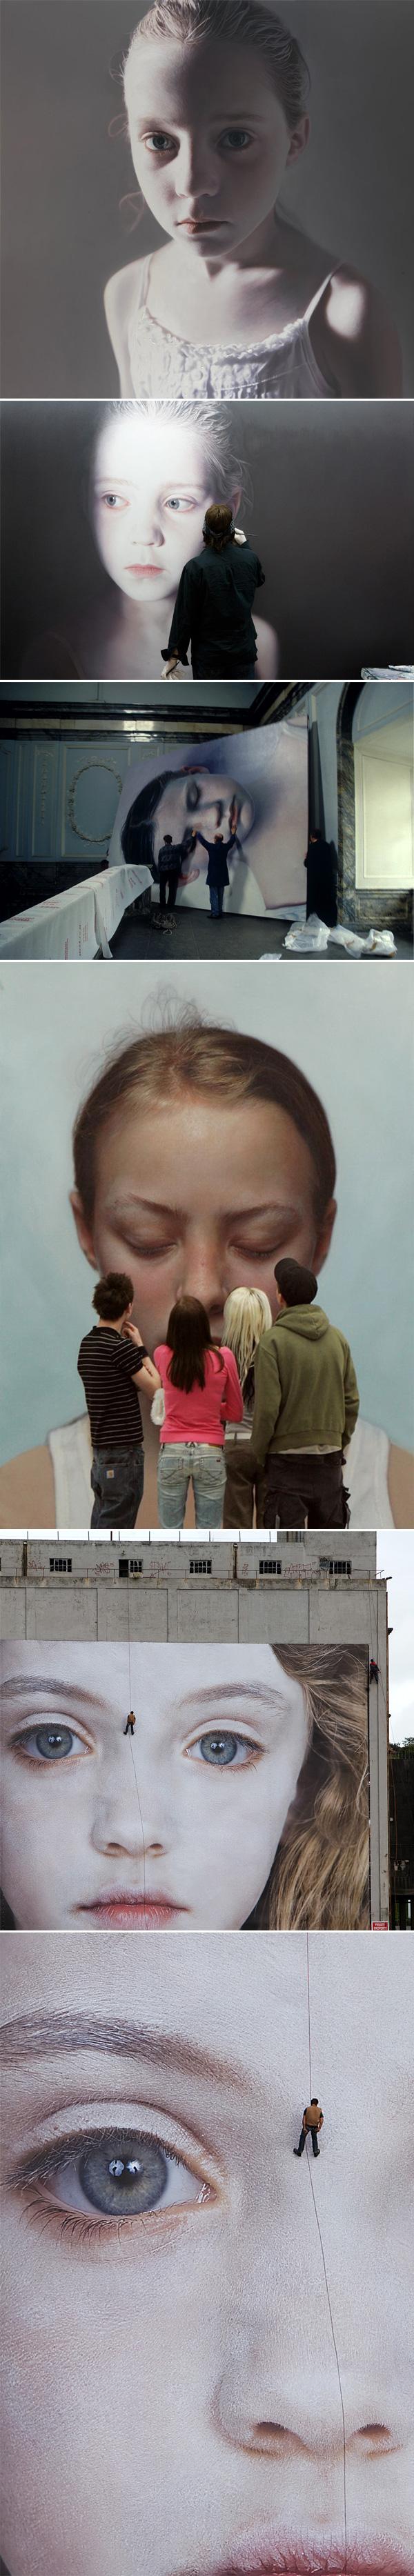 Gottfried Helnwein | arte hiper-realista